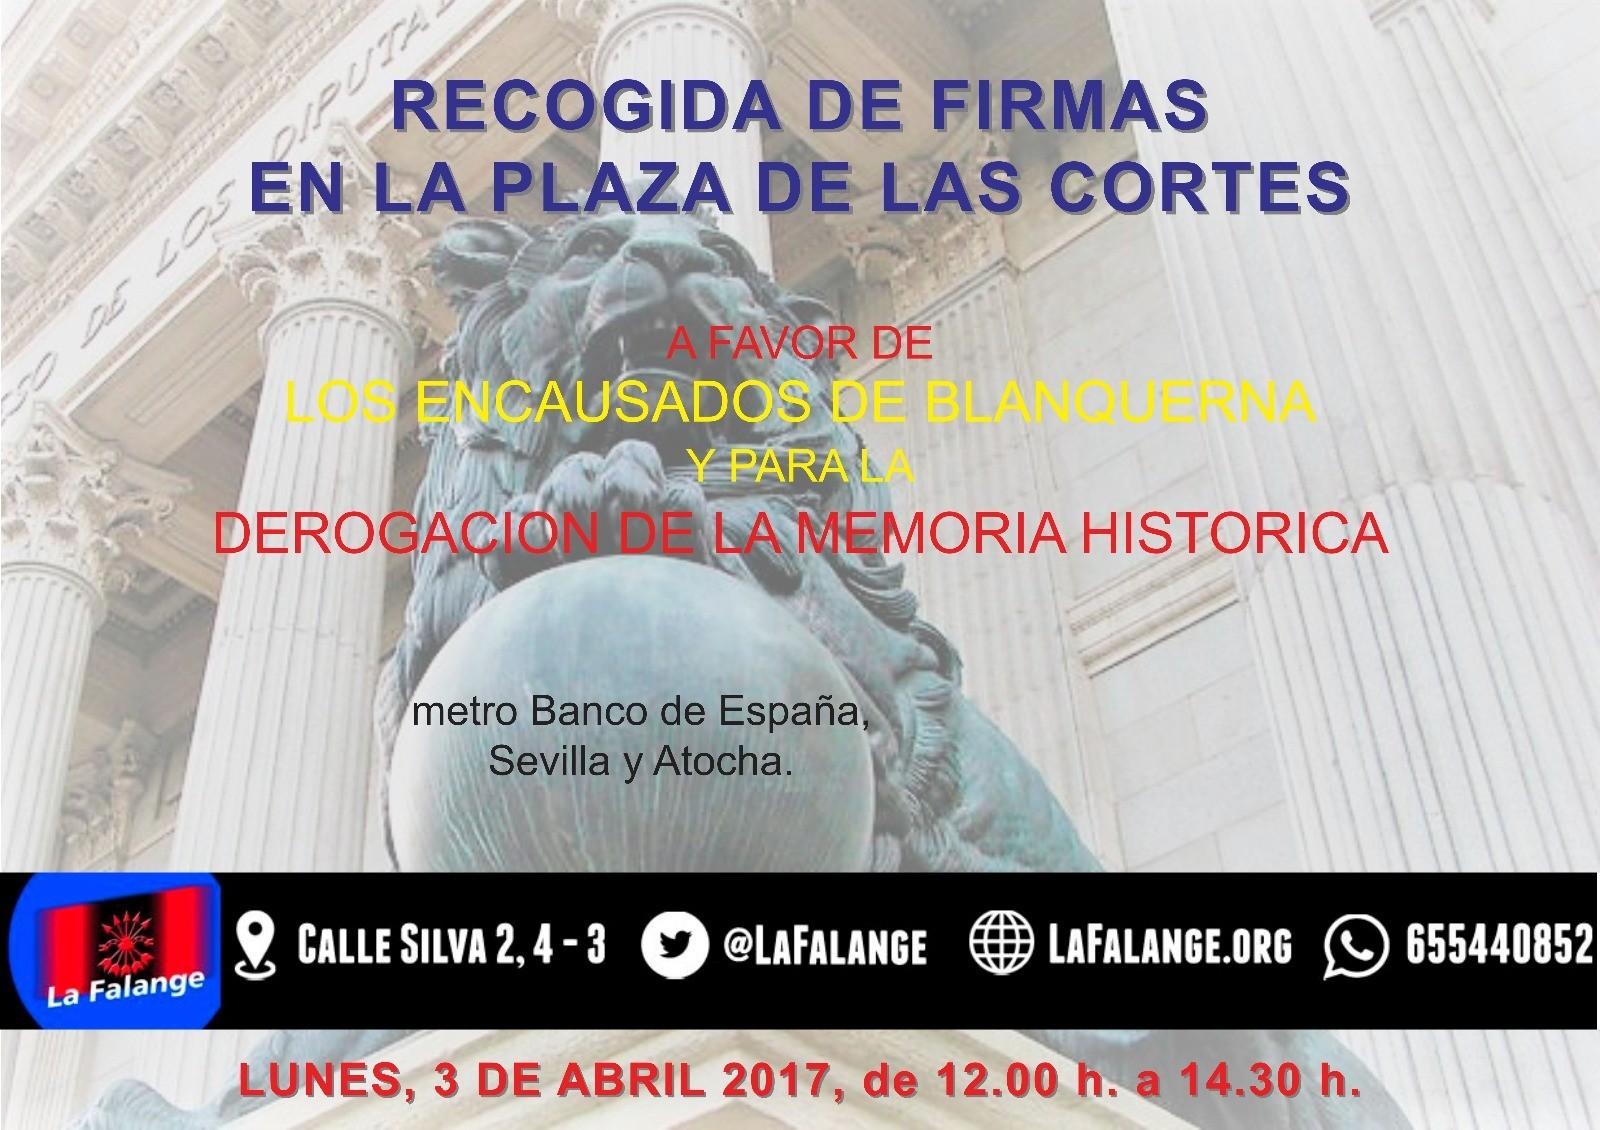 Mesa informativa Lunes 3 de Abril de 12:00 a 14:00 h. en la Plaza de Las Cortes